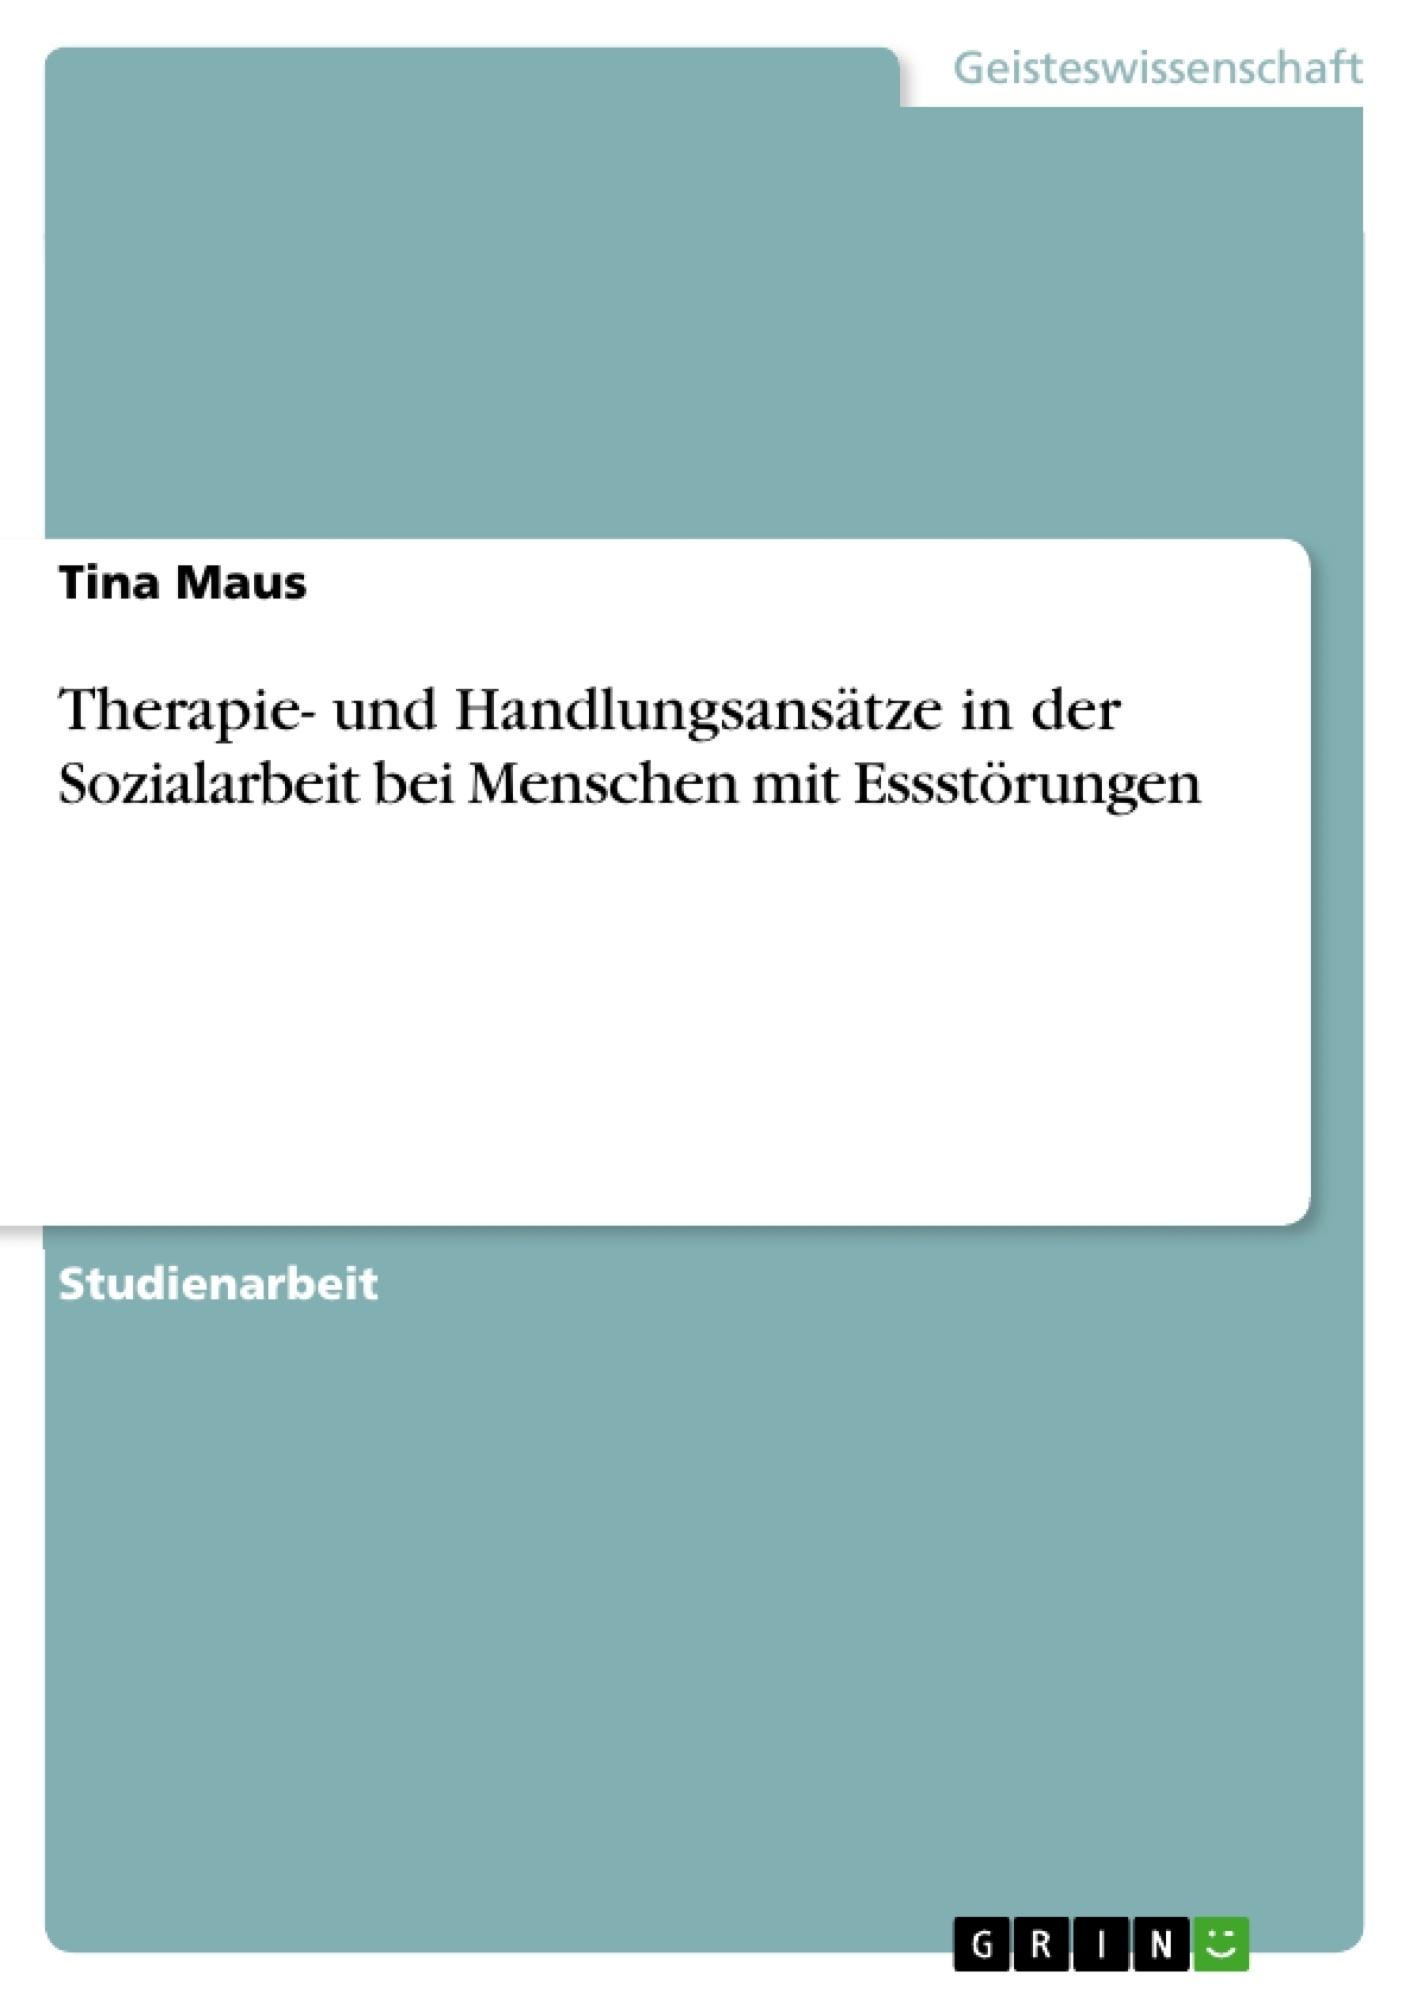 Titel: Therapie- und Handlungsansätze in der Sozialarbeit bei Menschen mit Essstörungen